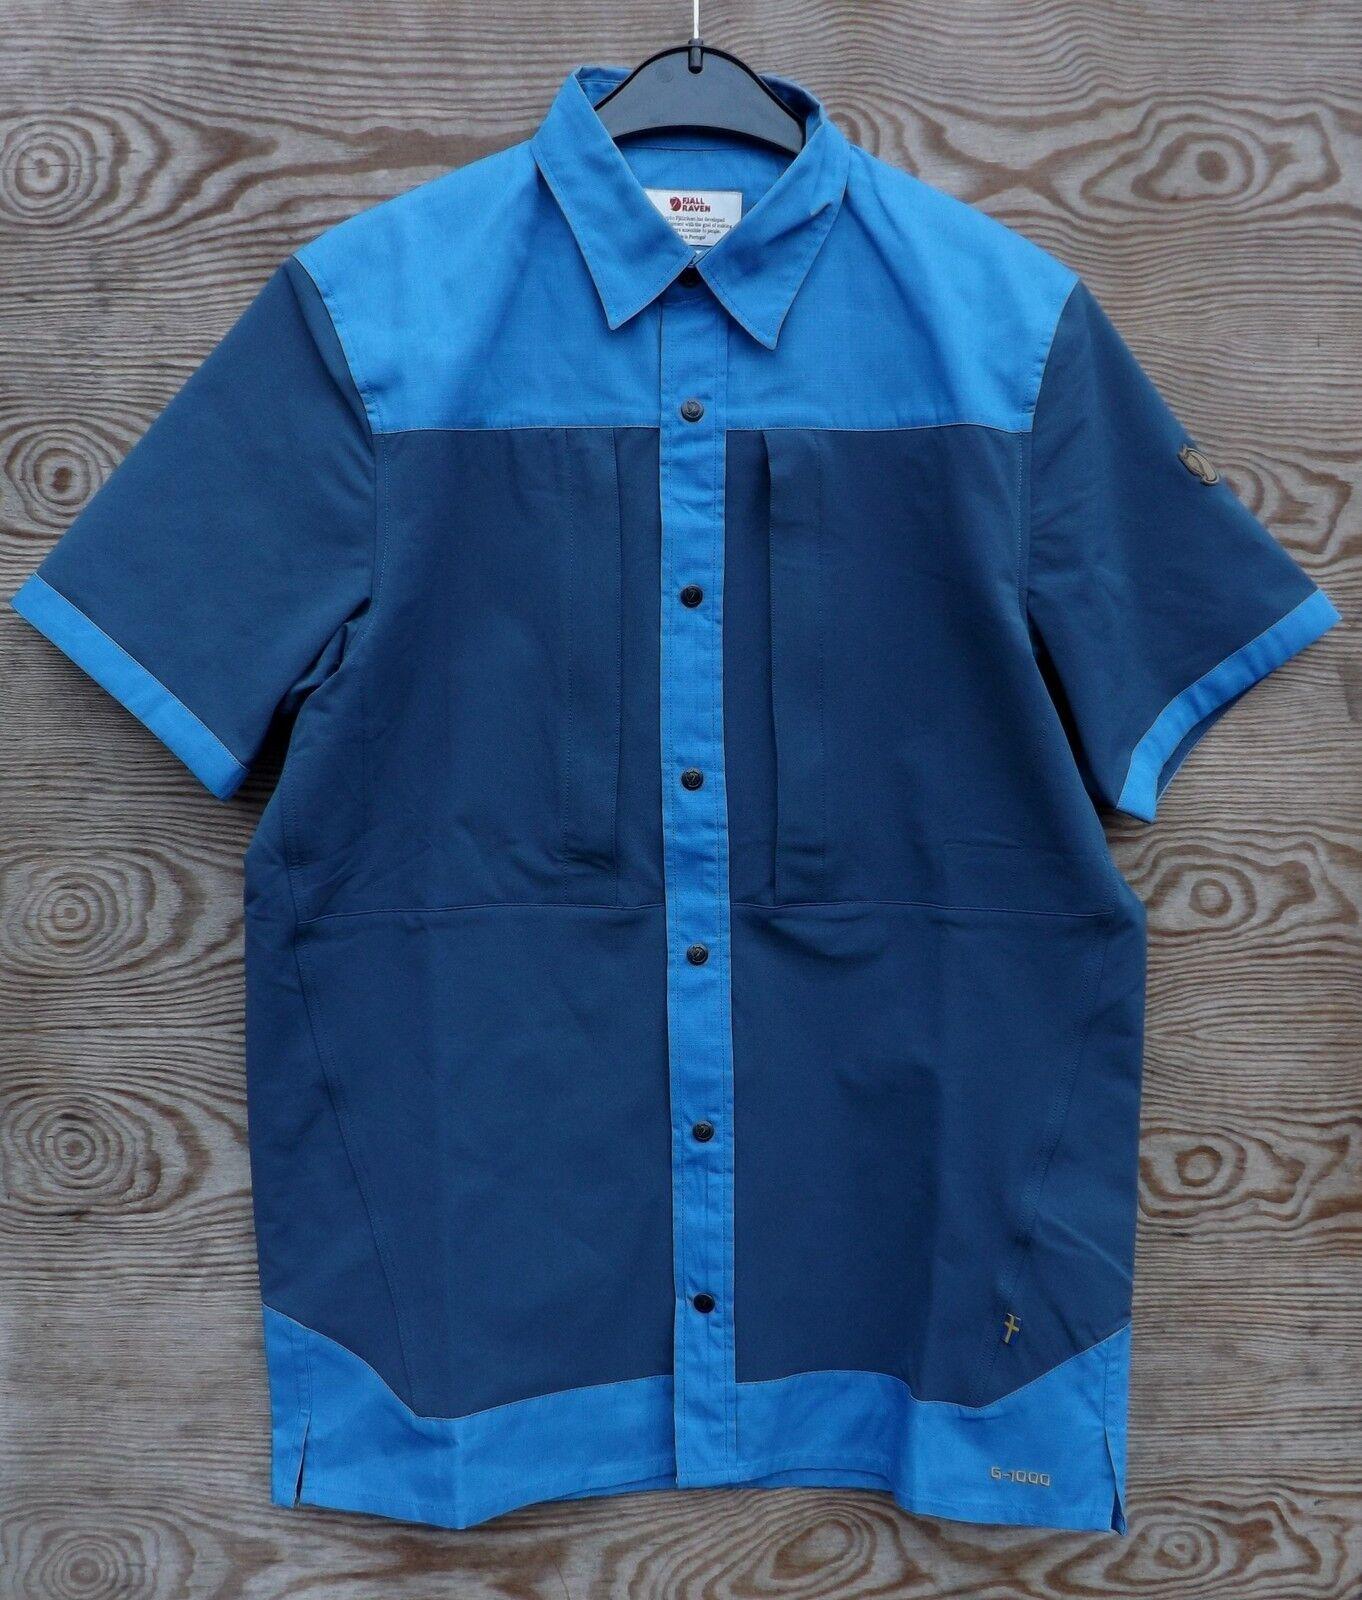 Fjäll Räven Keb  Trek Camisa De Hombre, UN bluee, G-1000 con Inserciones stretch  online-shop